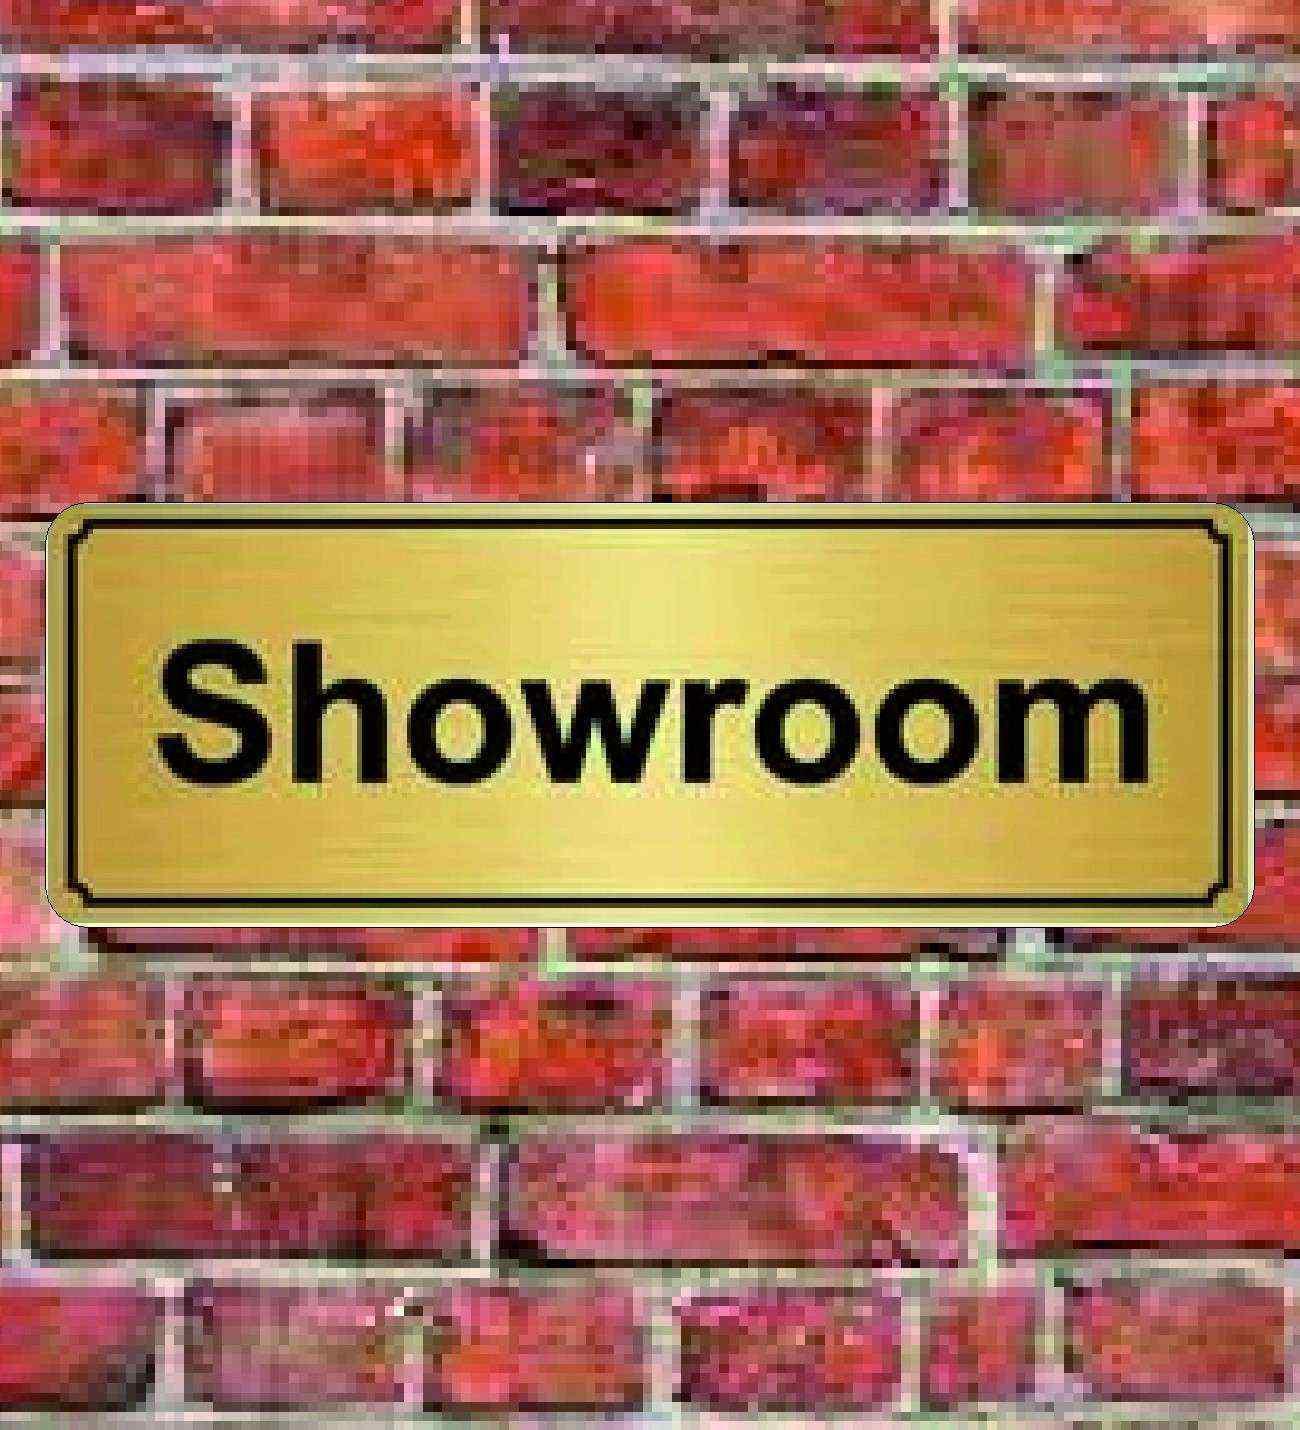 10x20 cm Showroom Yazılı Metal Yönlendirme Levhası